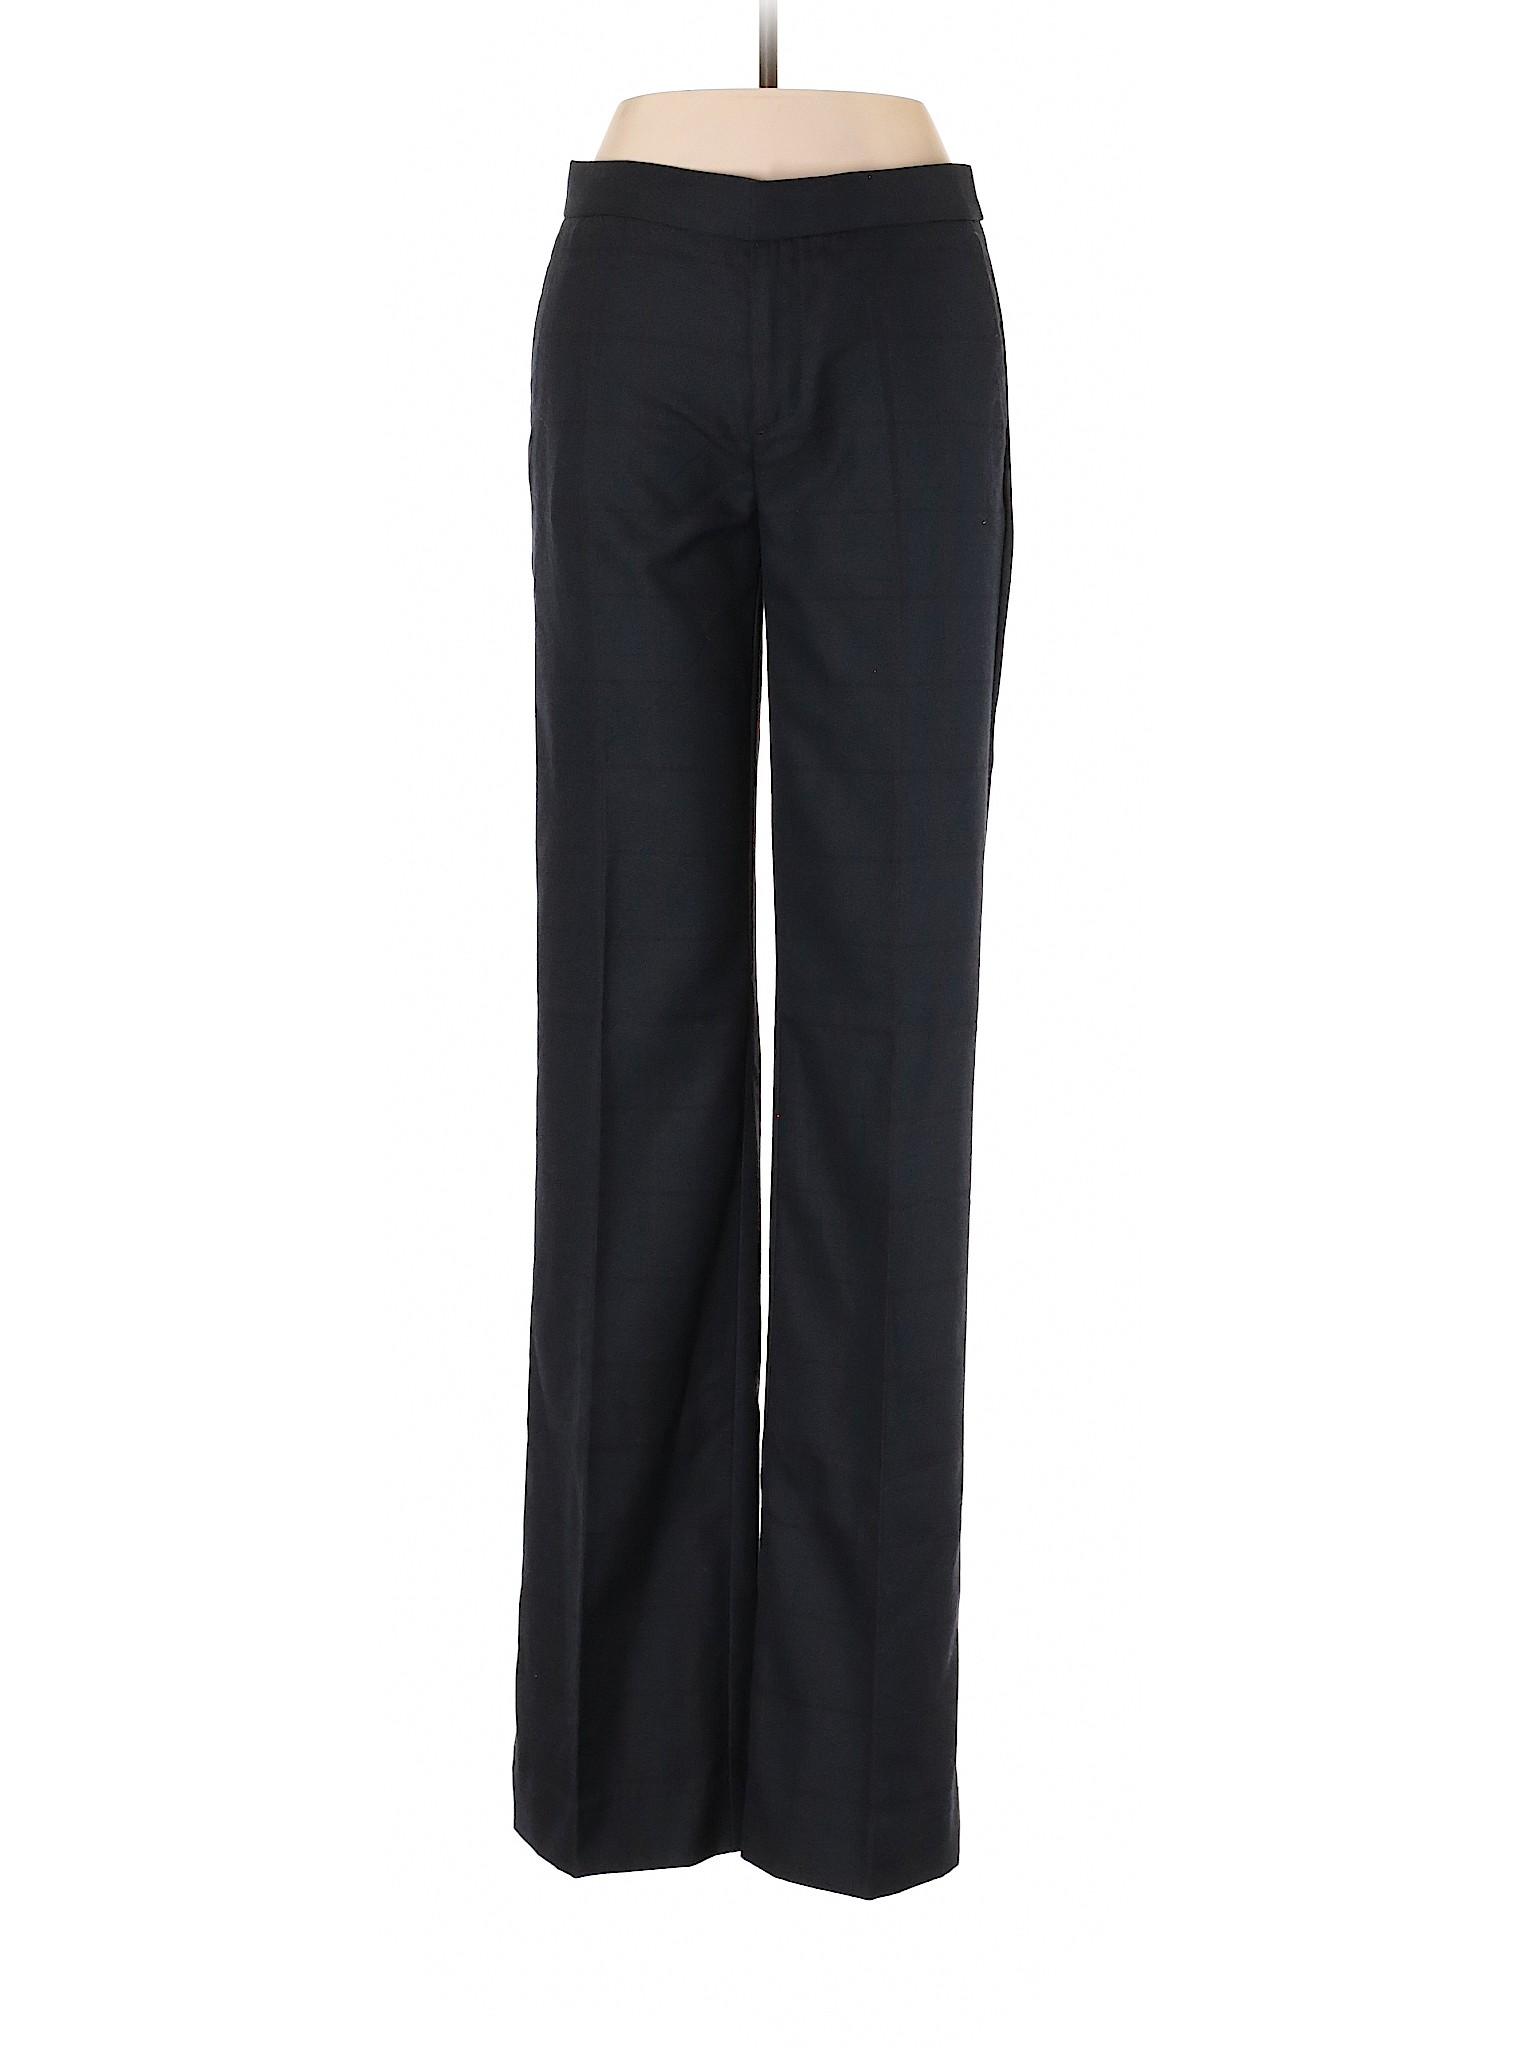 Store Republic Pants Banana Factory Boutique winter Dress SPqwSIE